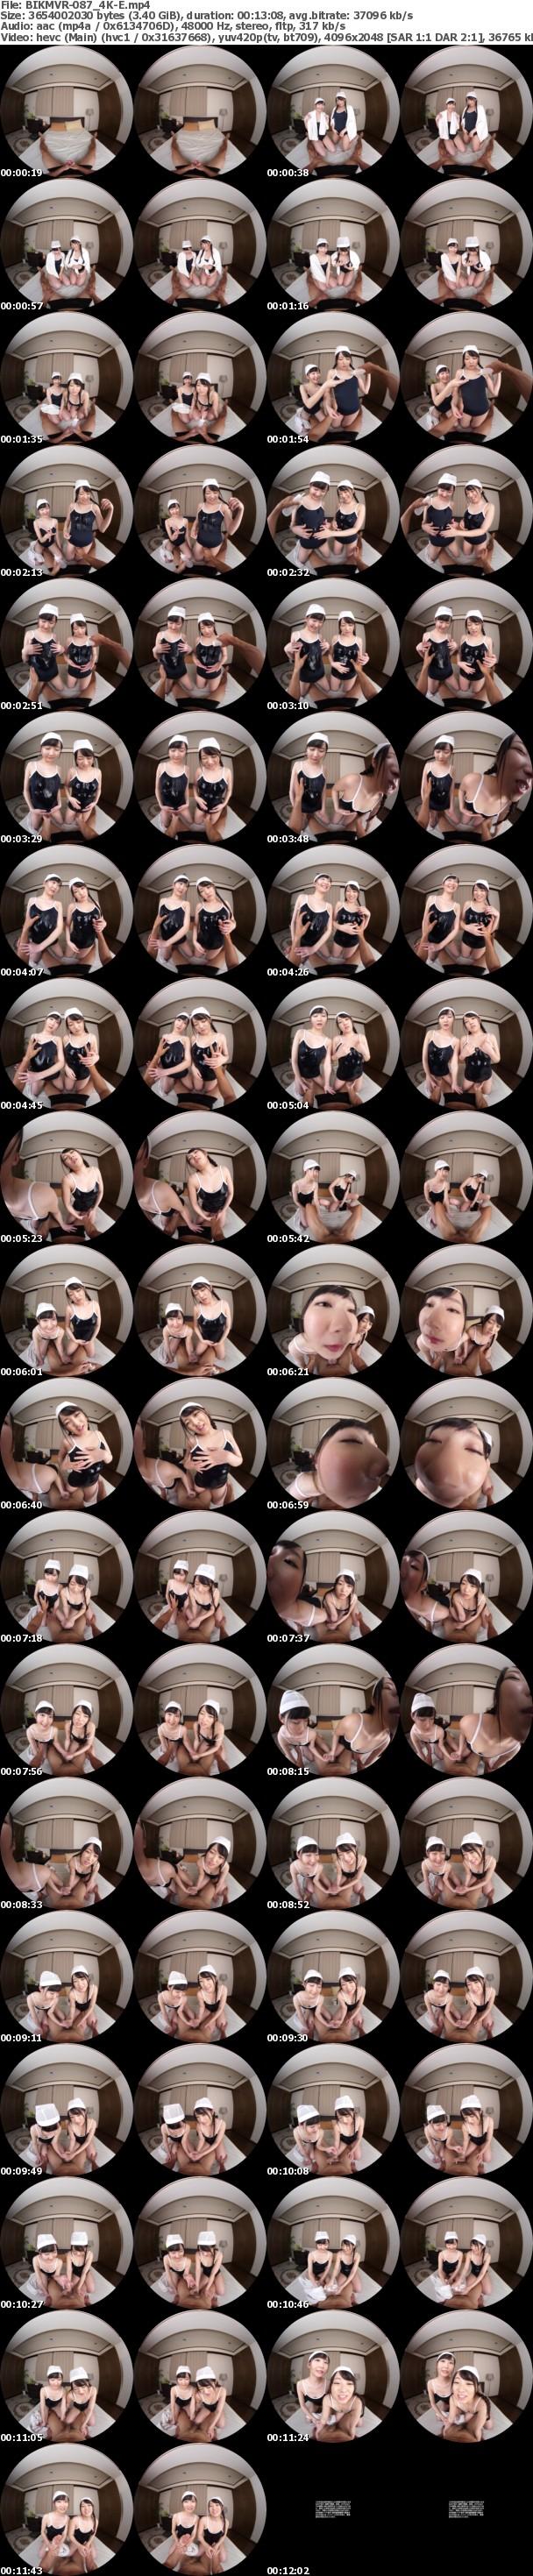 (VR) BIKMVR-087【4K匠】パパとママは知らない。性の快感に目覚めた姉妹の秘密のパパ活記録(仮) 平花/あまね弥生